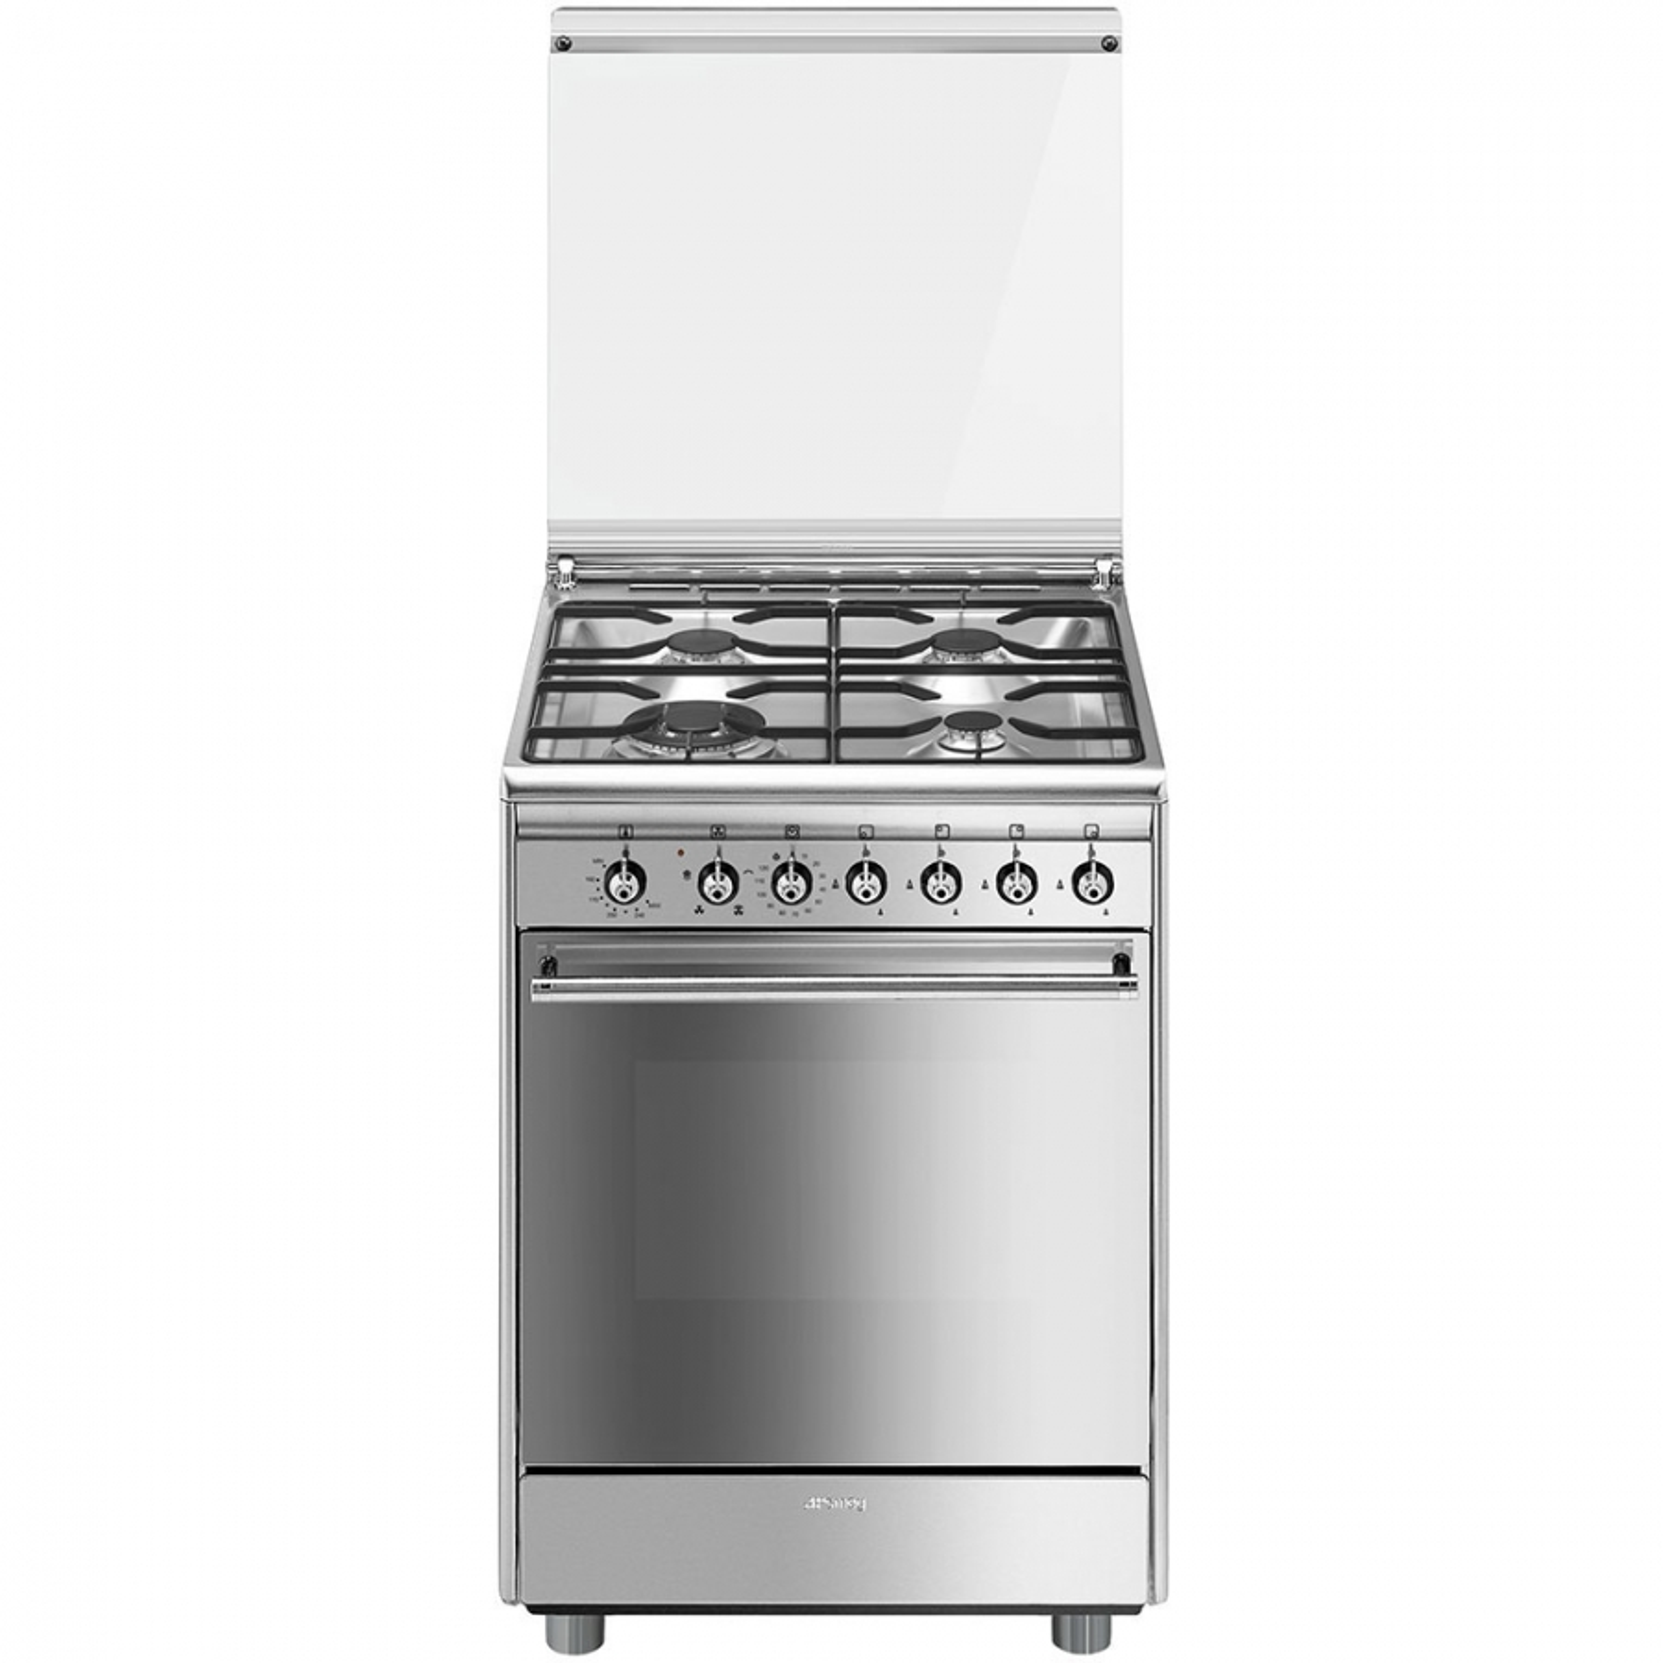 Cucina smeg cx61gv9 4 fuochi a gas forno a gas dimensione 60 x 60cm colore inox classe a - Cucine a gas samsung ...